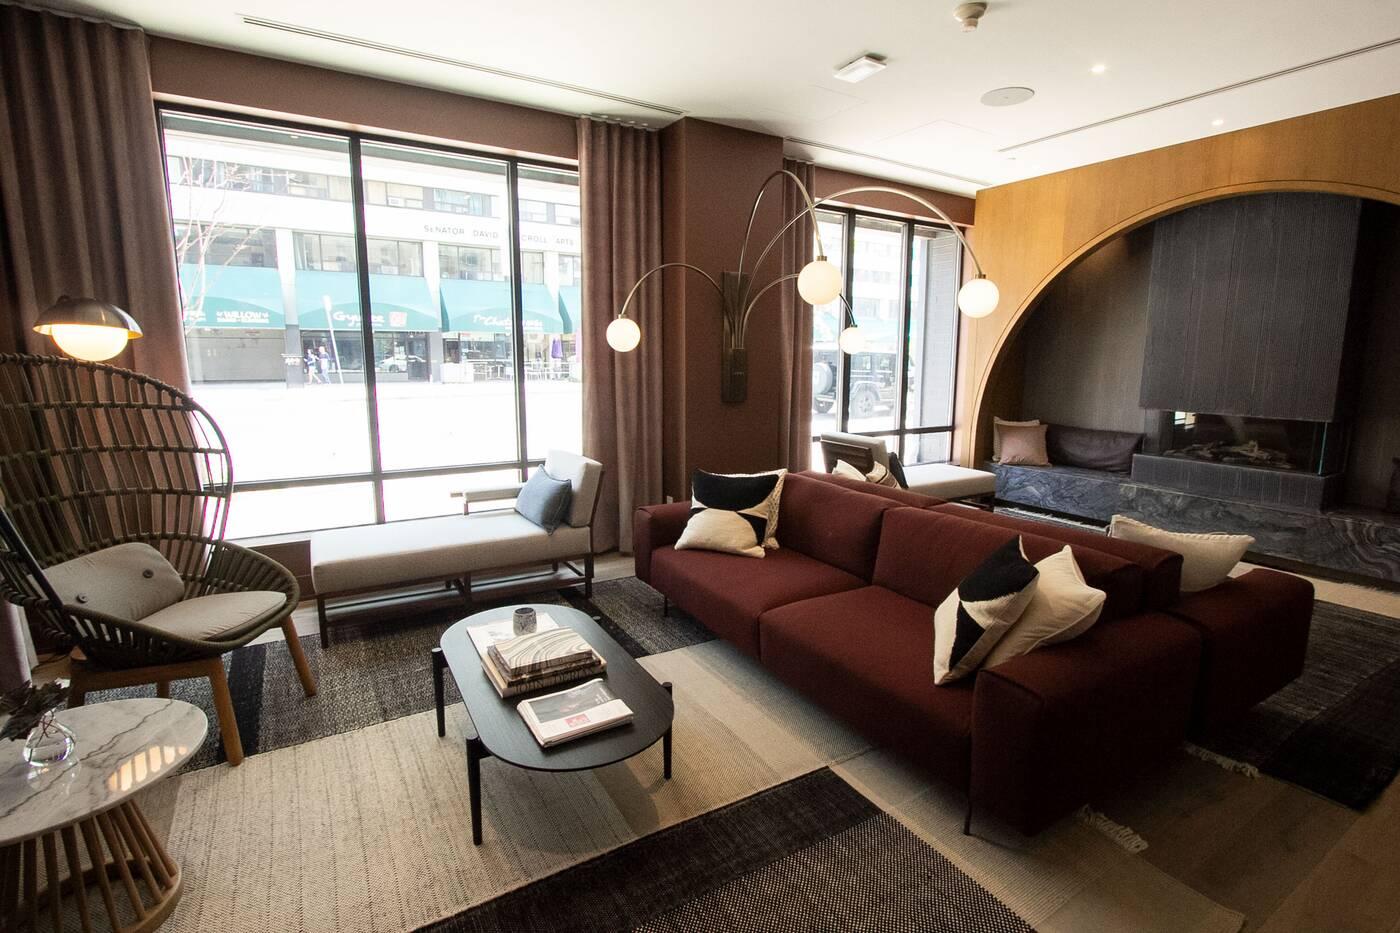 annex hotels toronto